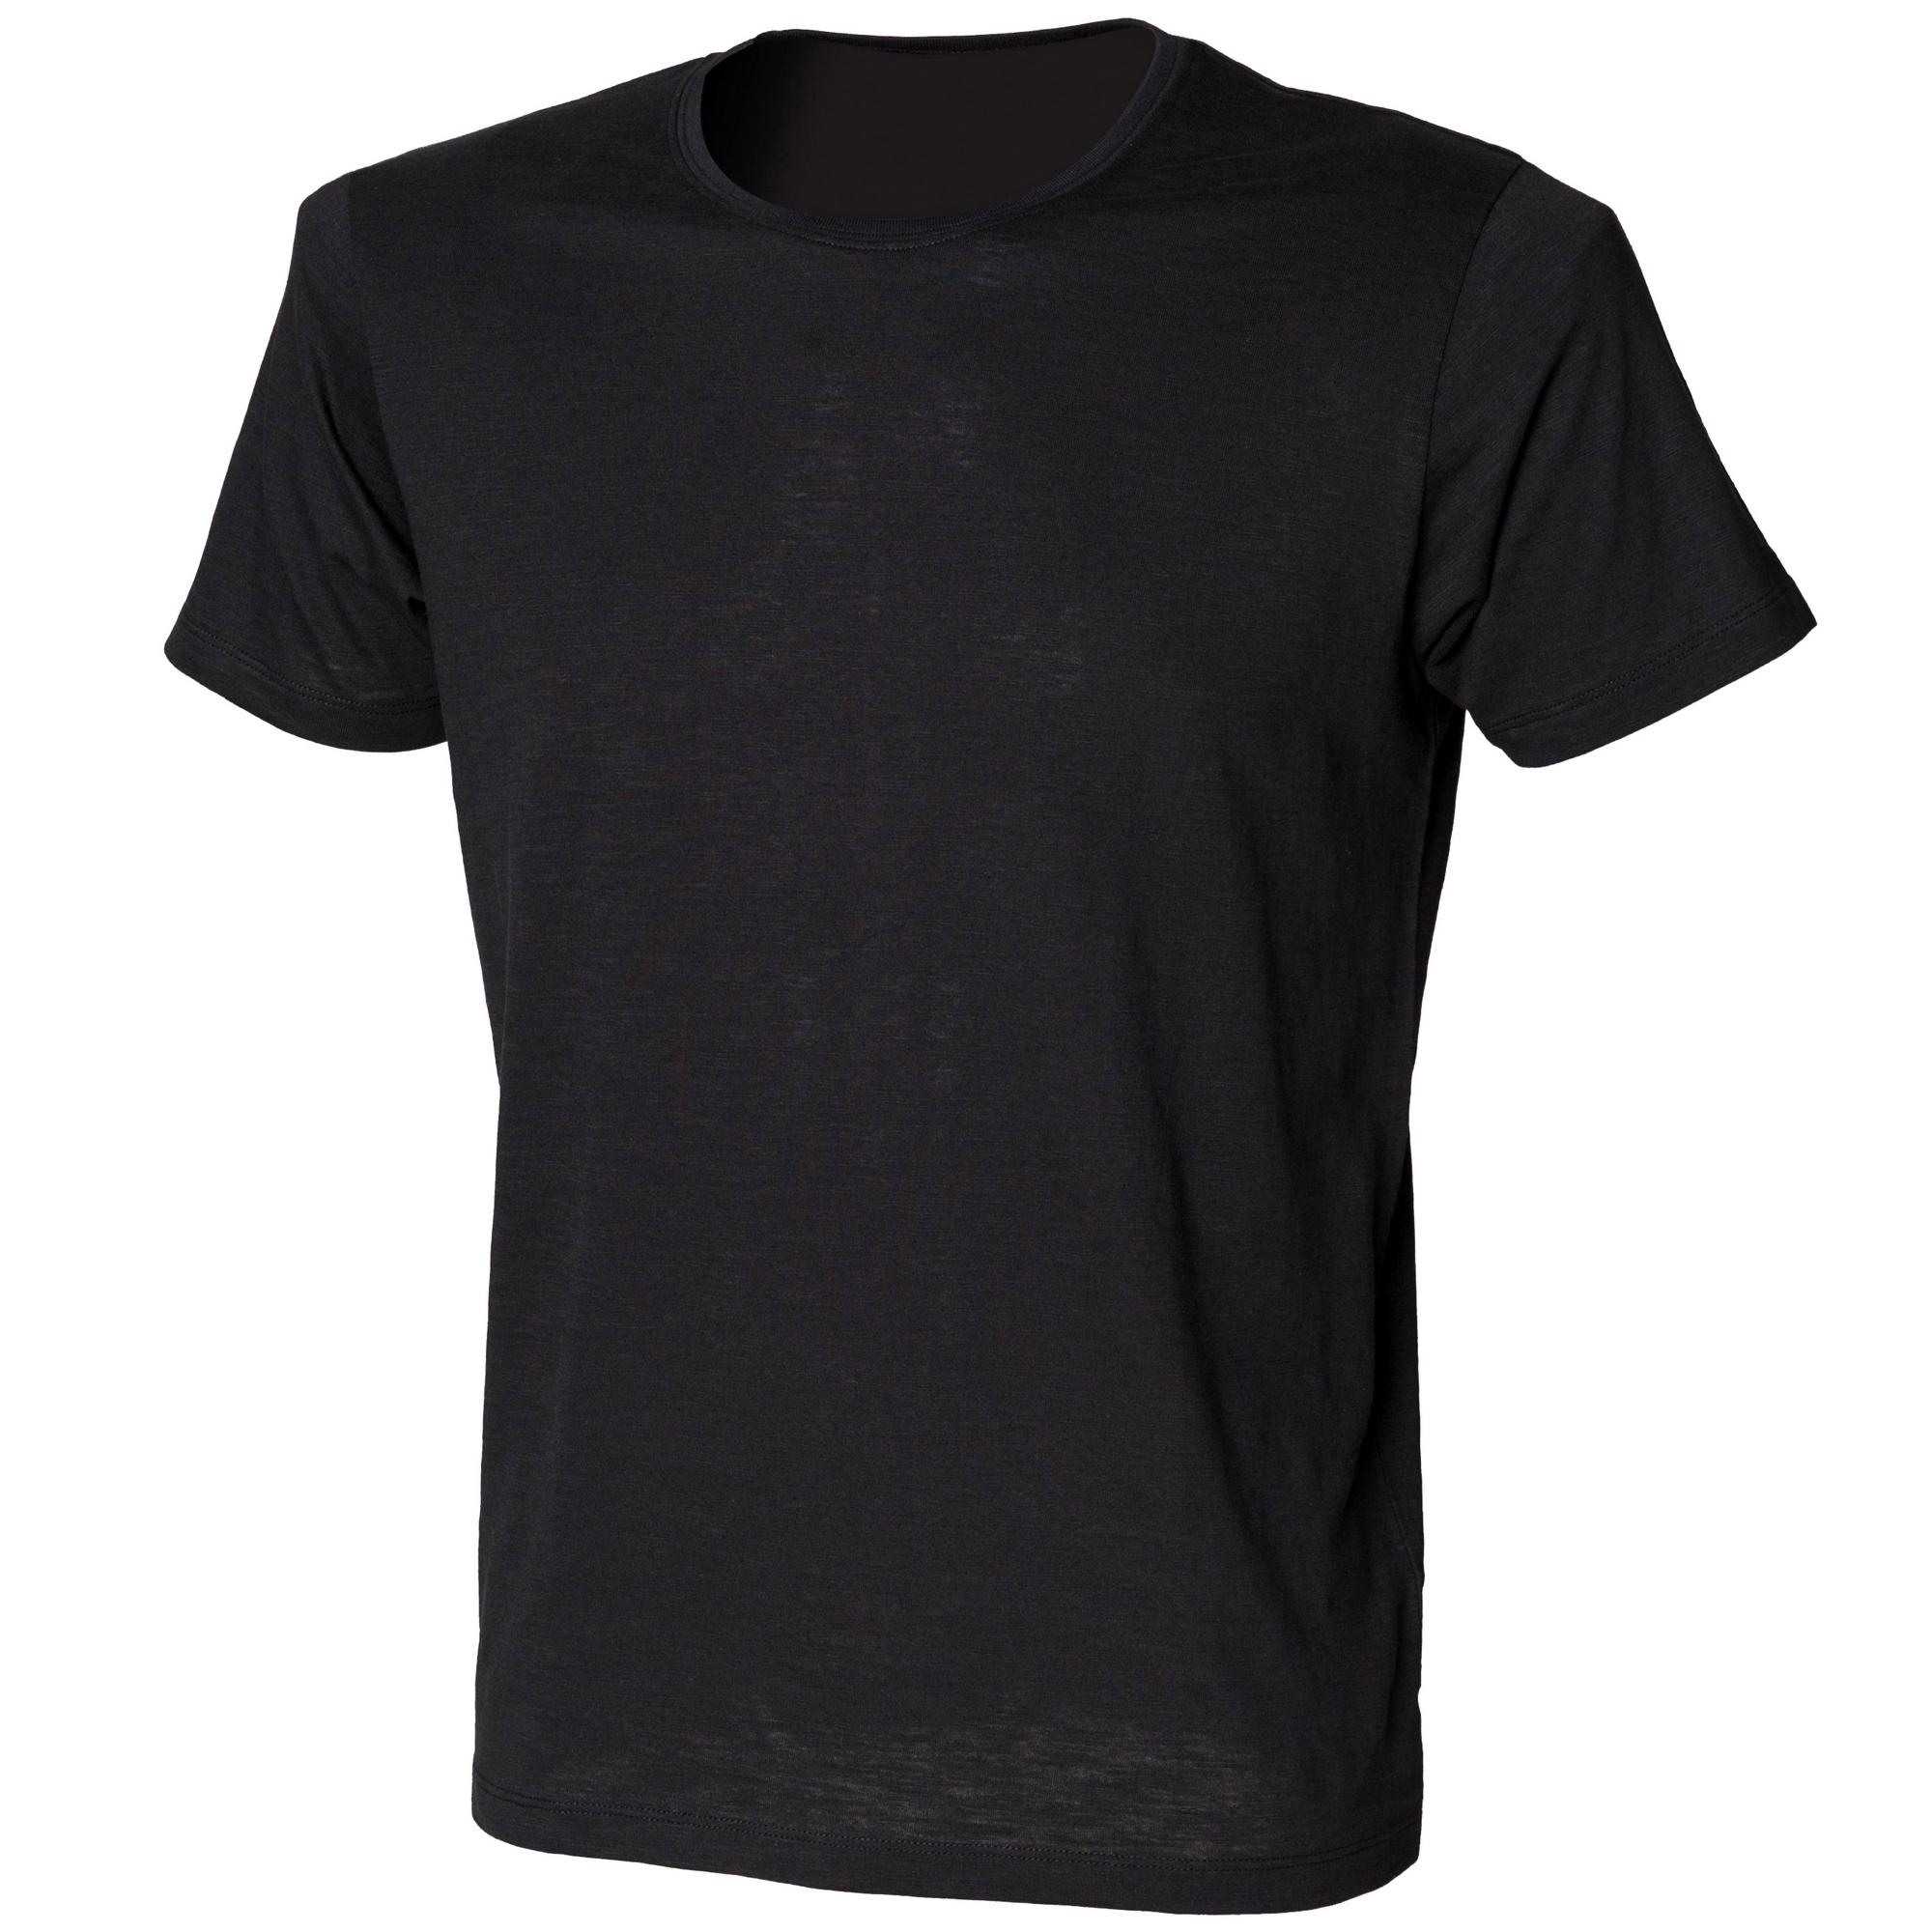 Skinni Fit Mens Slub T-Shirt (S) (White)